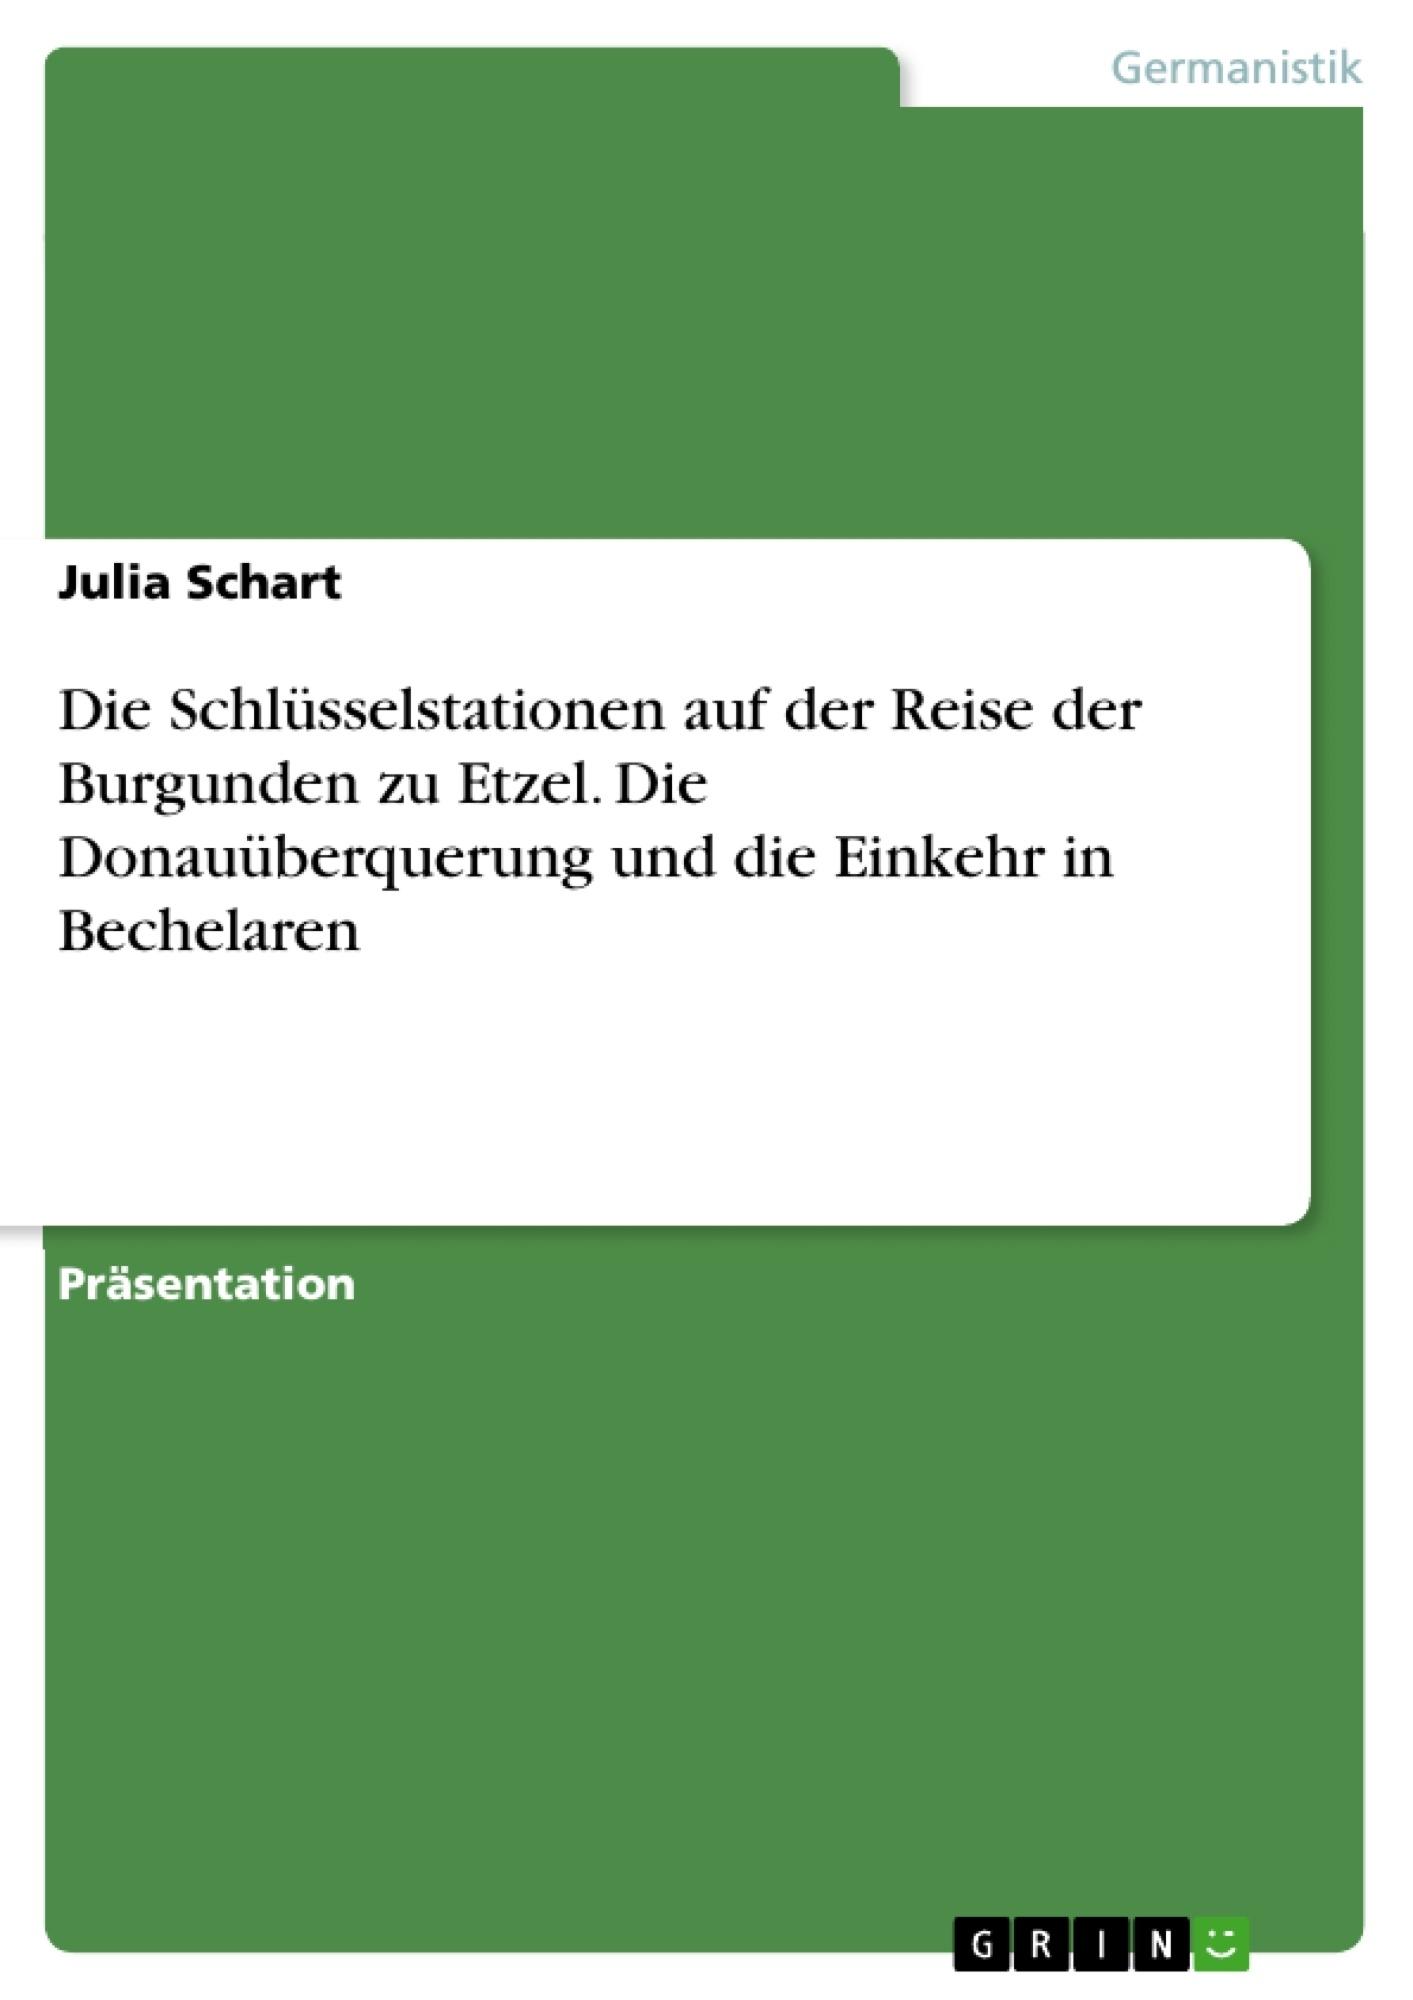 Titel: Die Schlüsselstationen auf der Reise der Burgunden zu Etzel. Die Donauüberquerung und die Einkehr in Bechelaren